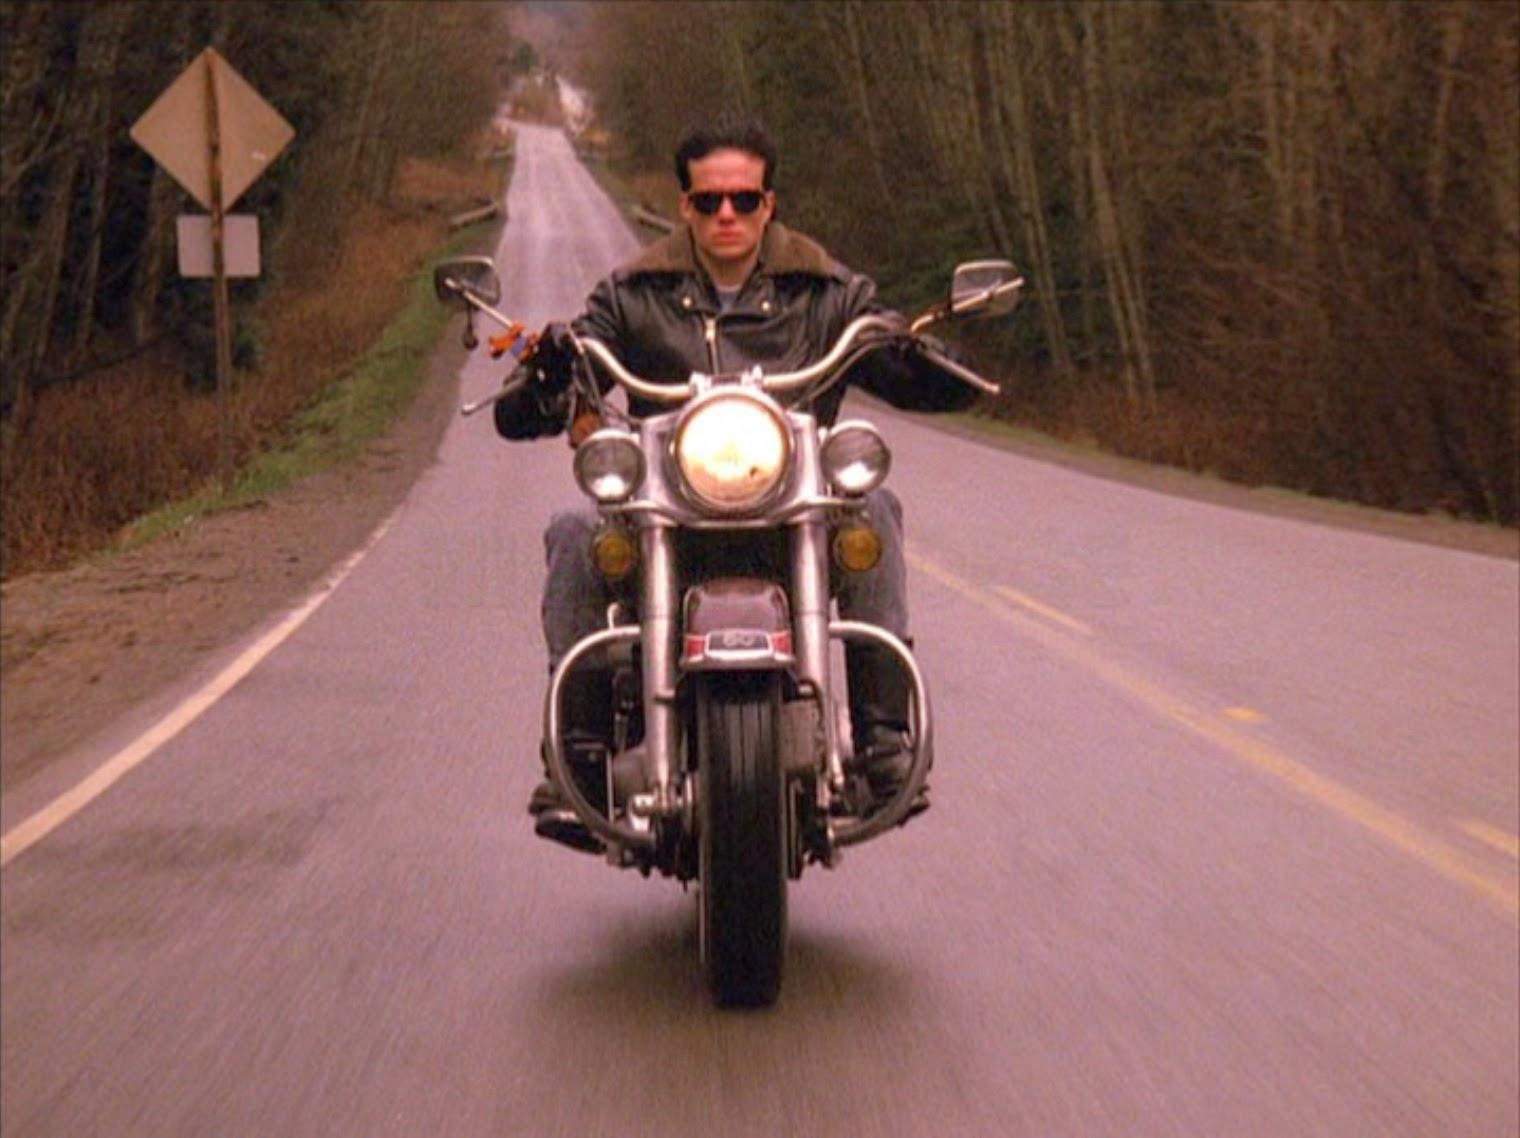 James en moto.